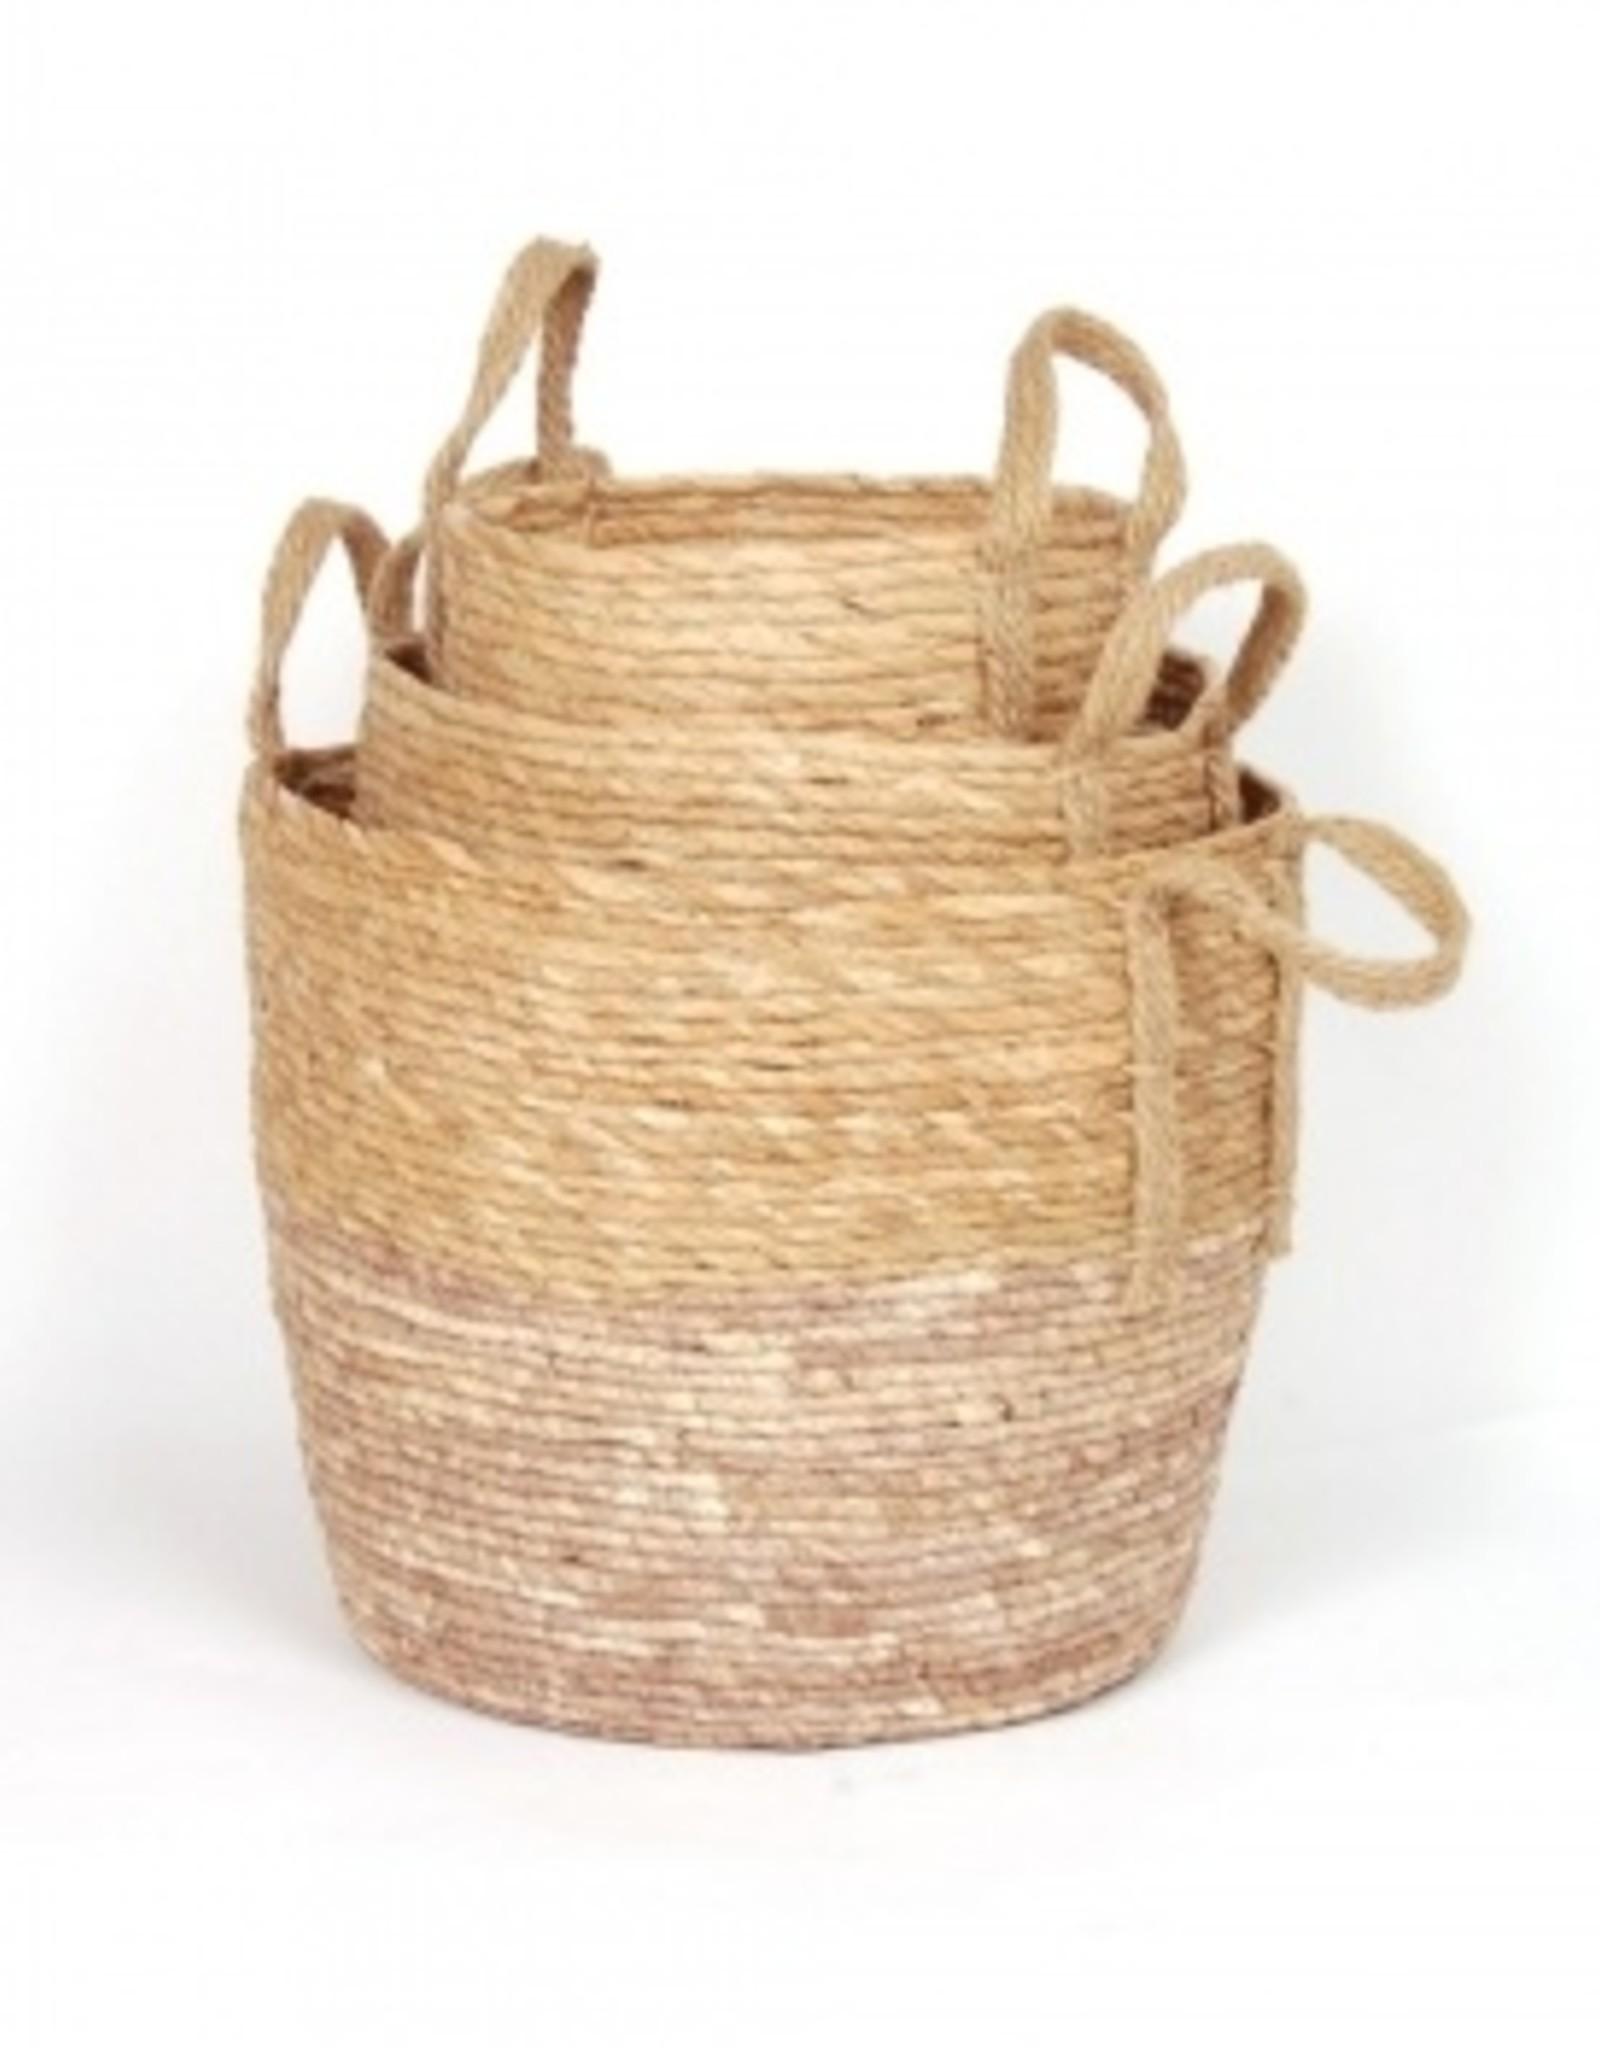 Blush/Natural Straw Basket (small)